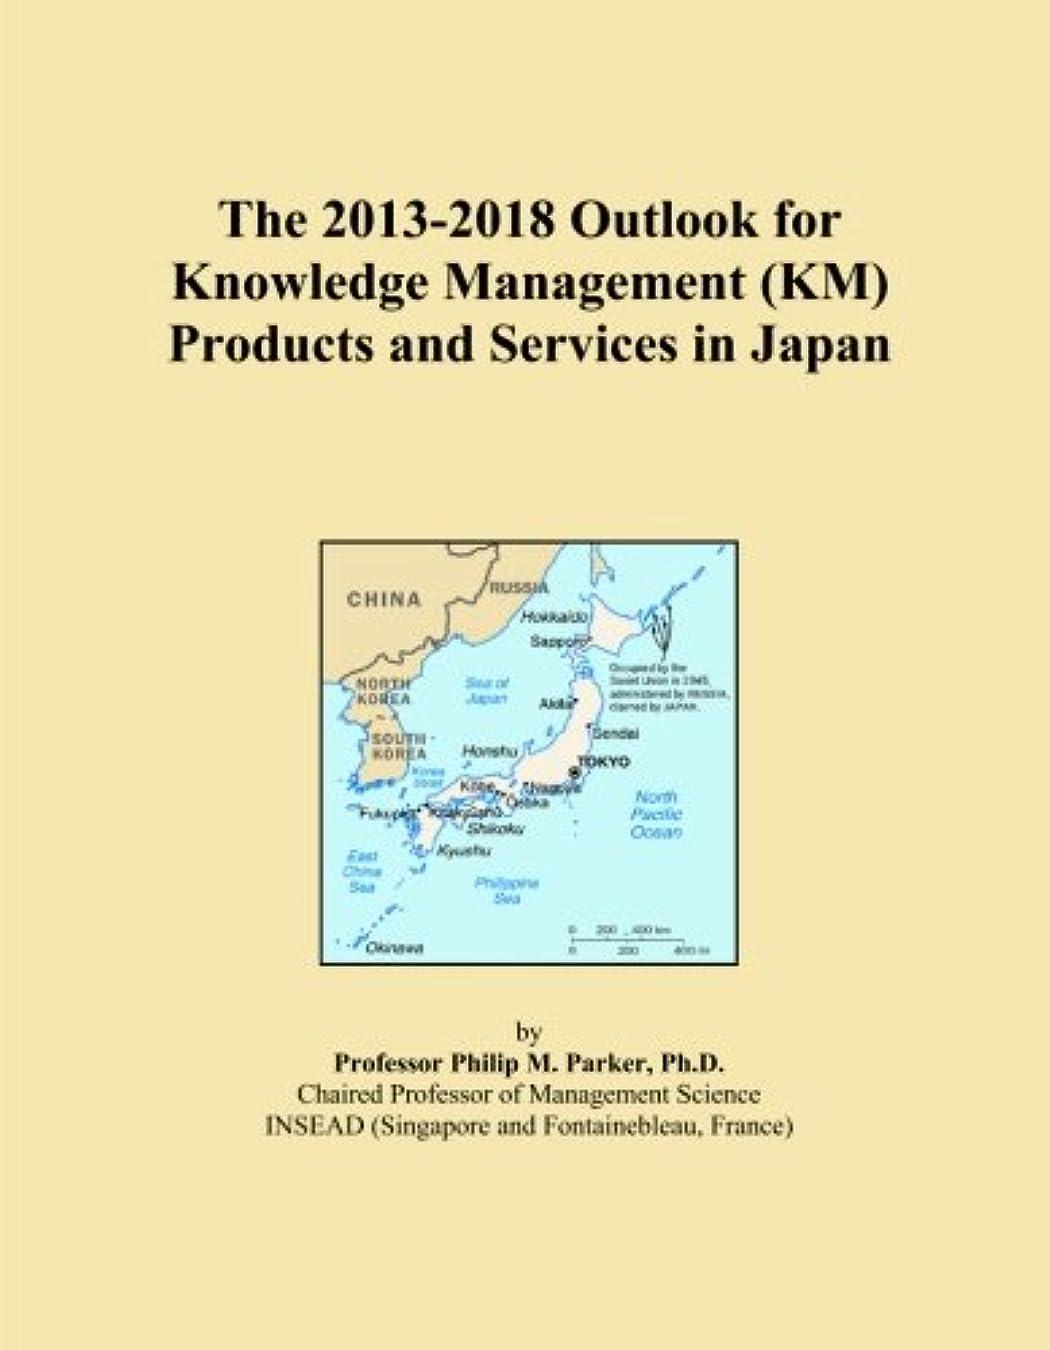 箱趣味想定するThe 2013-2018 Outlook for Knowledge Management (KM) Products and Services in Japan